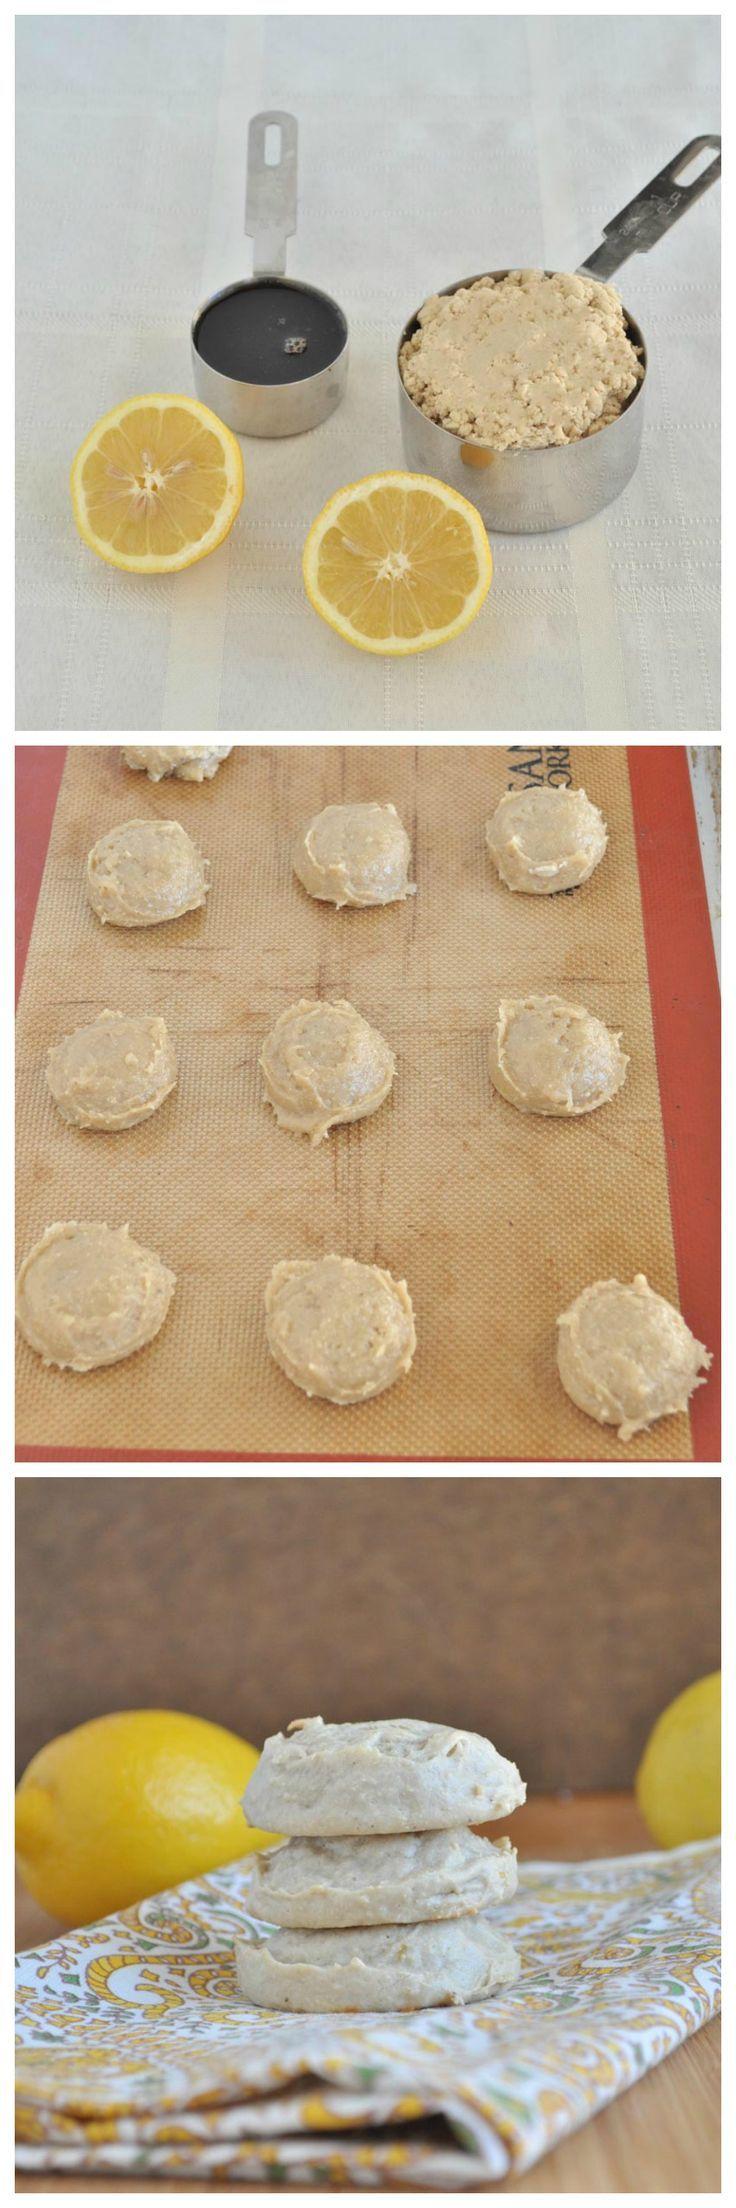 Flourless lemon cookies my whole food life food